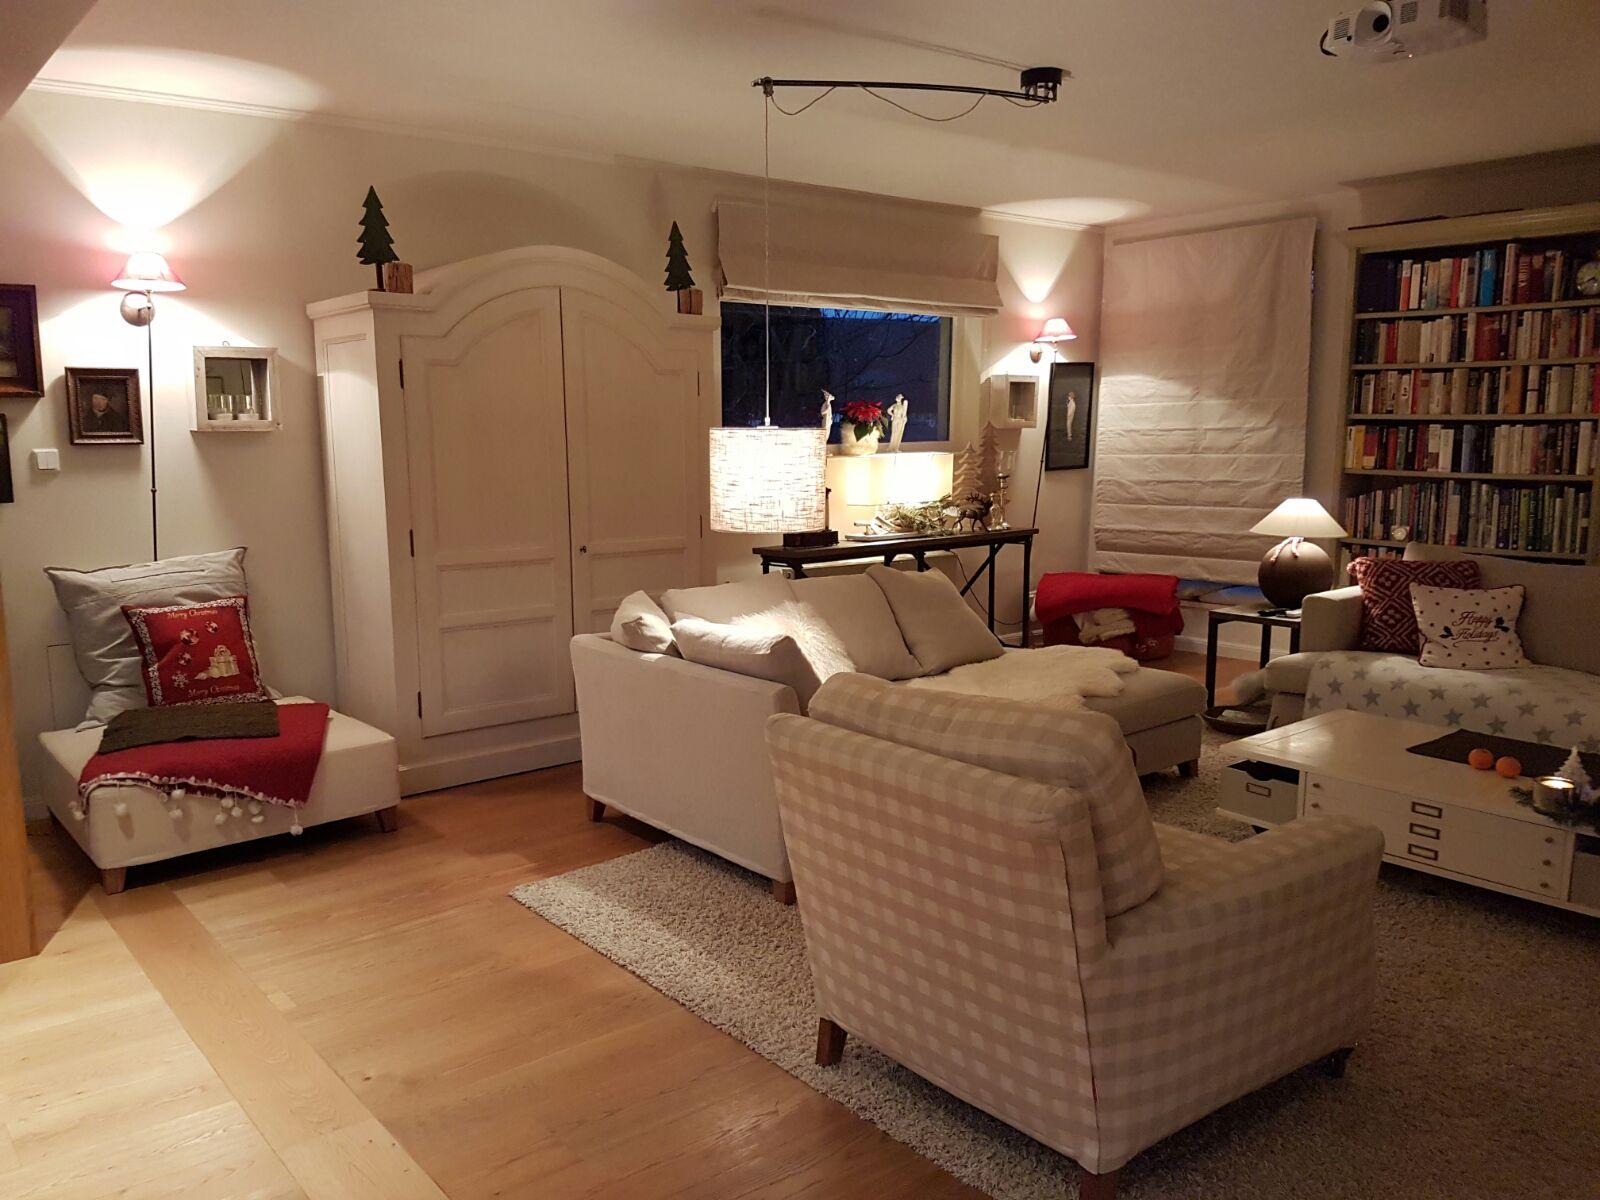 franz sische und italienische landhausm bel auf bestellung. Black Bedroom Furniture Sets. Home Design Ideas